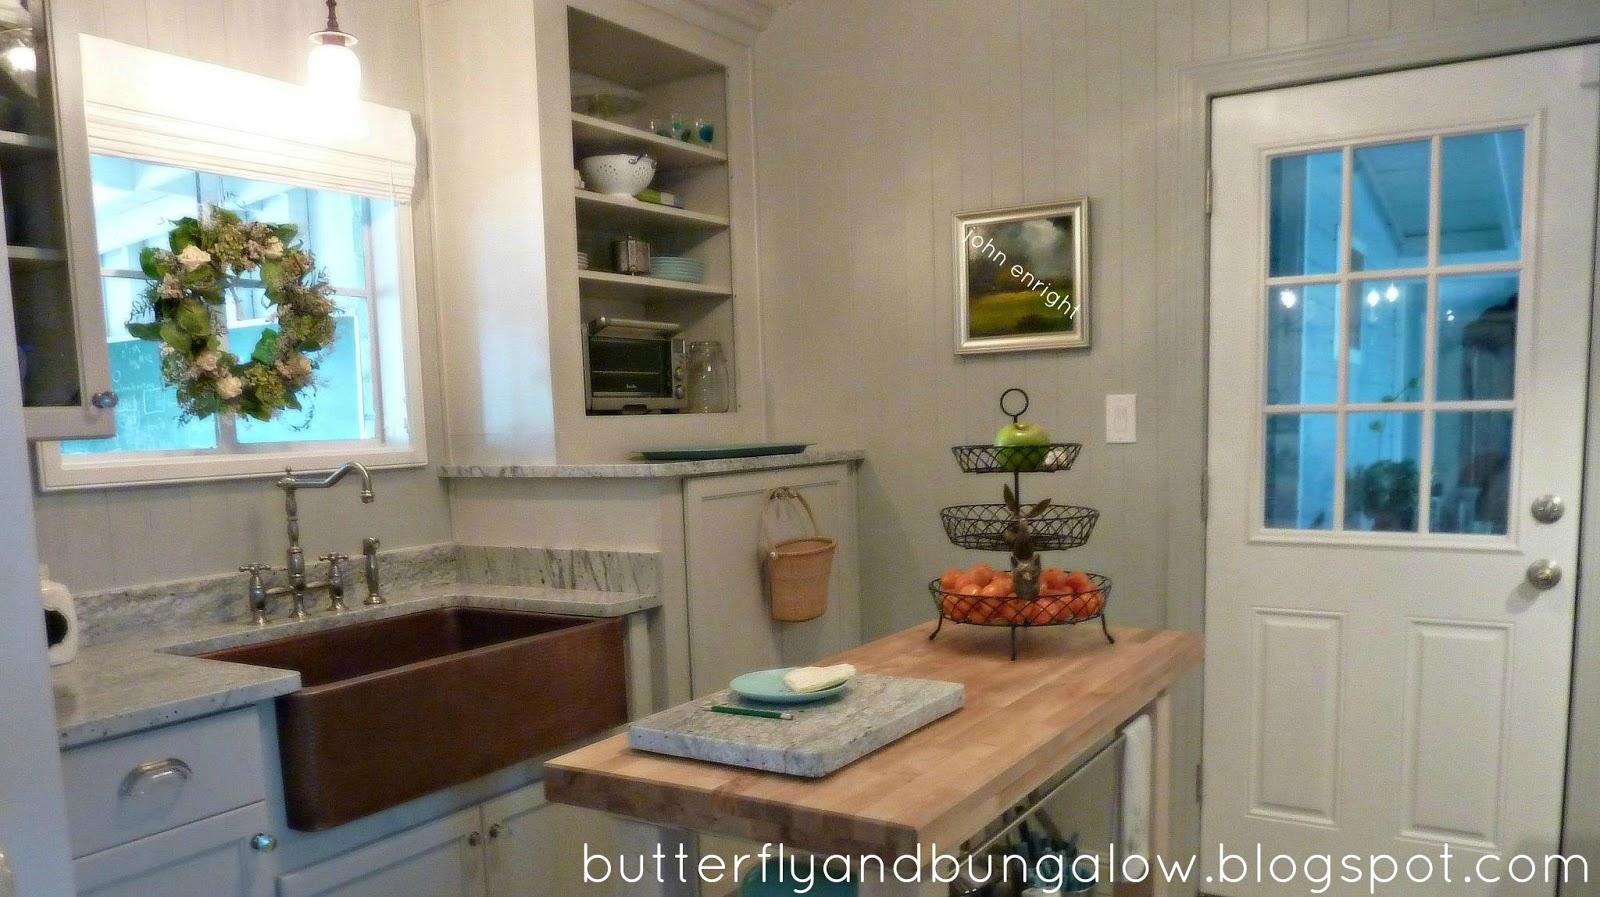 DIY Kitchen Island with Sink